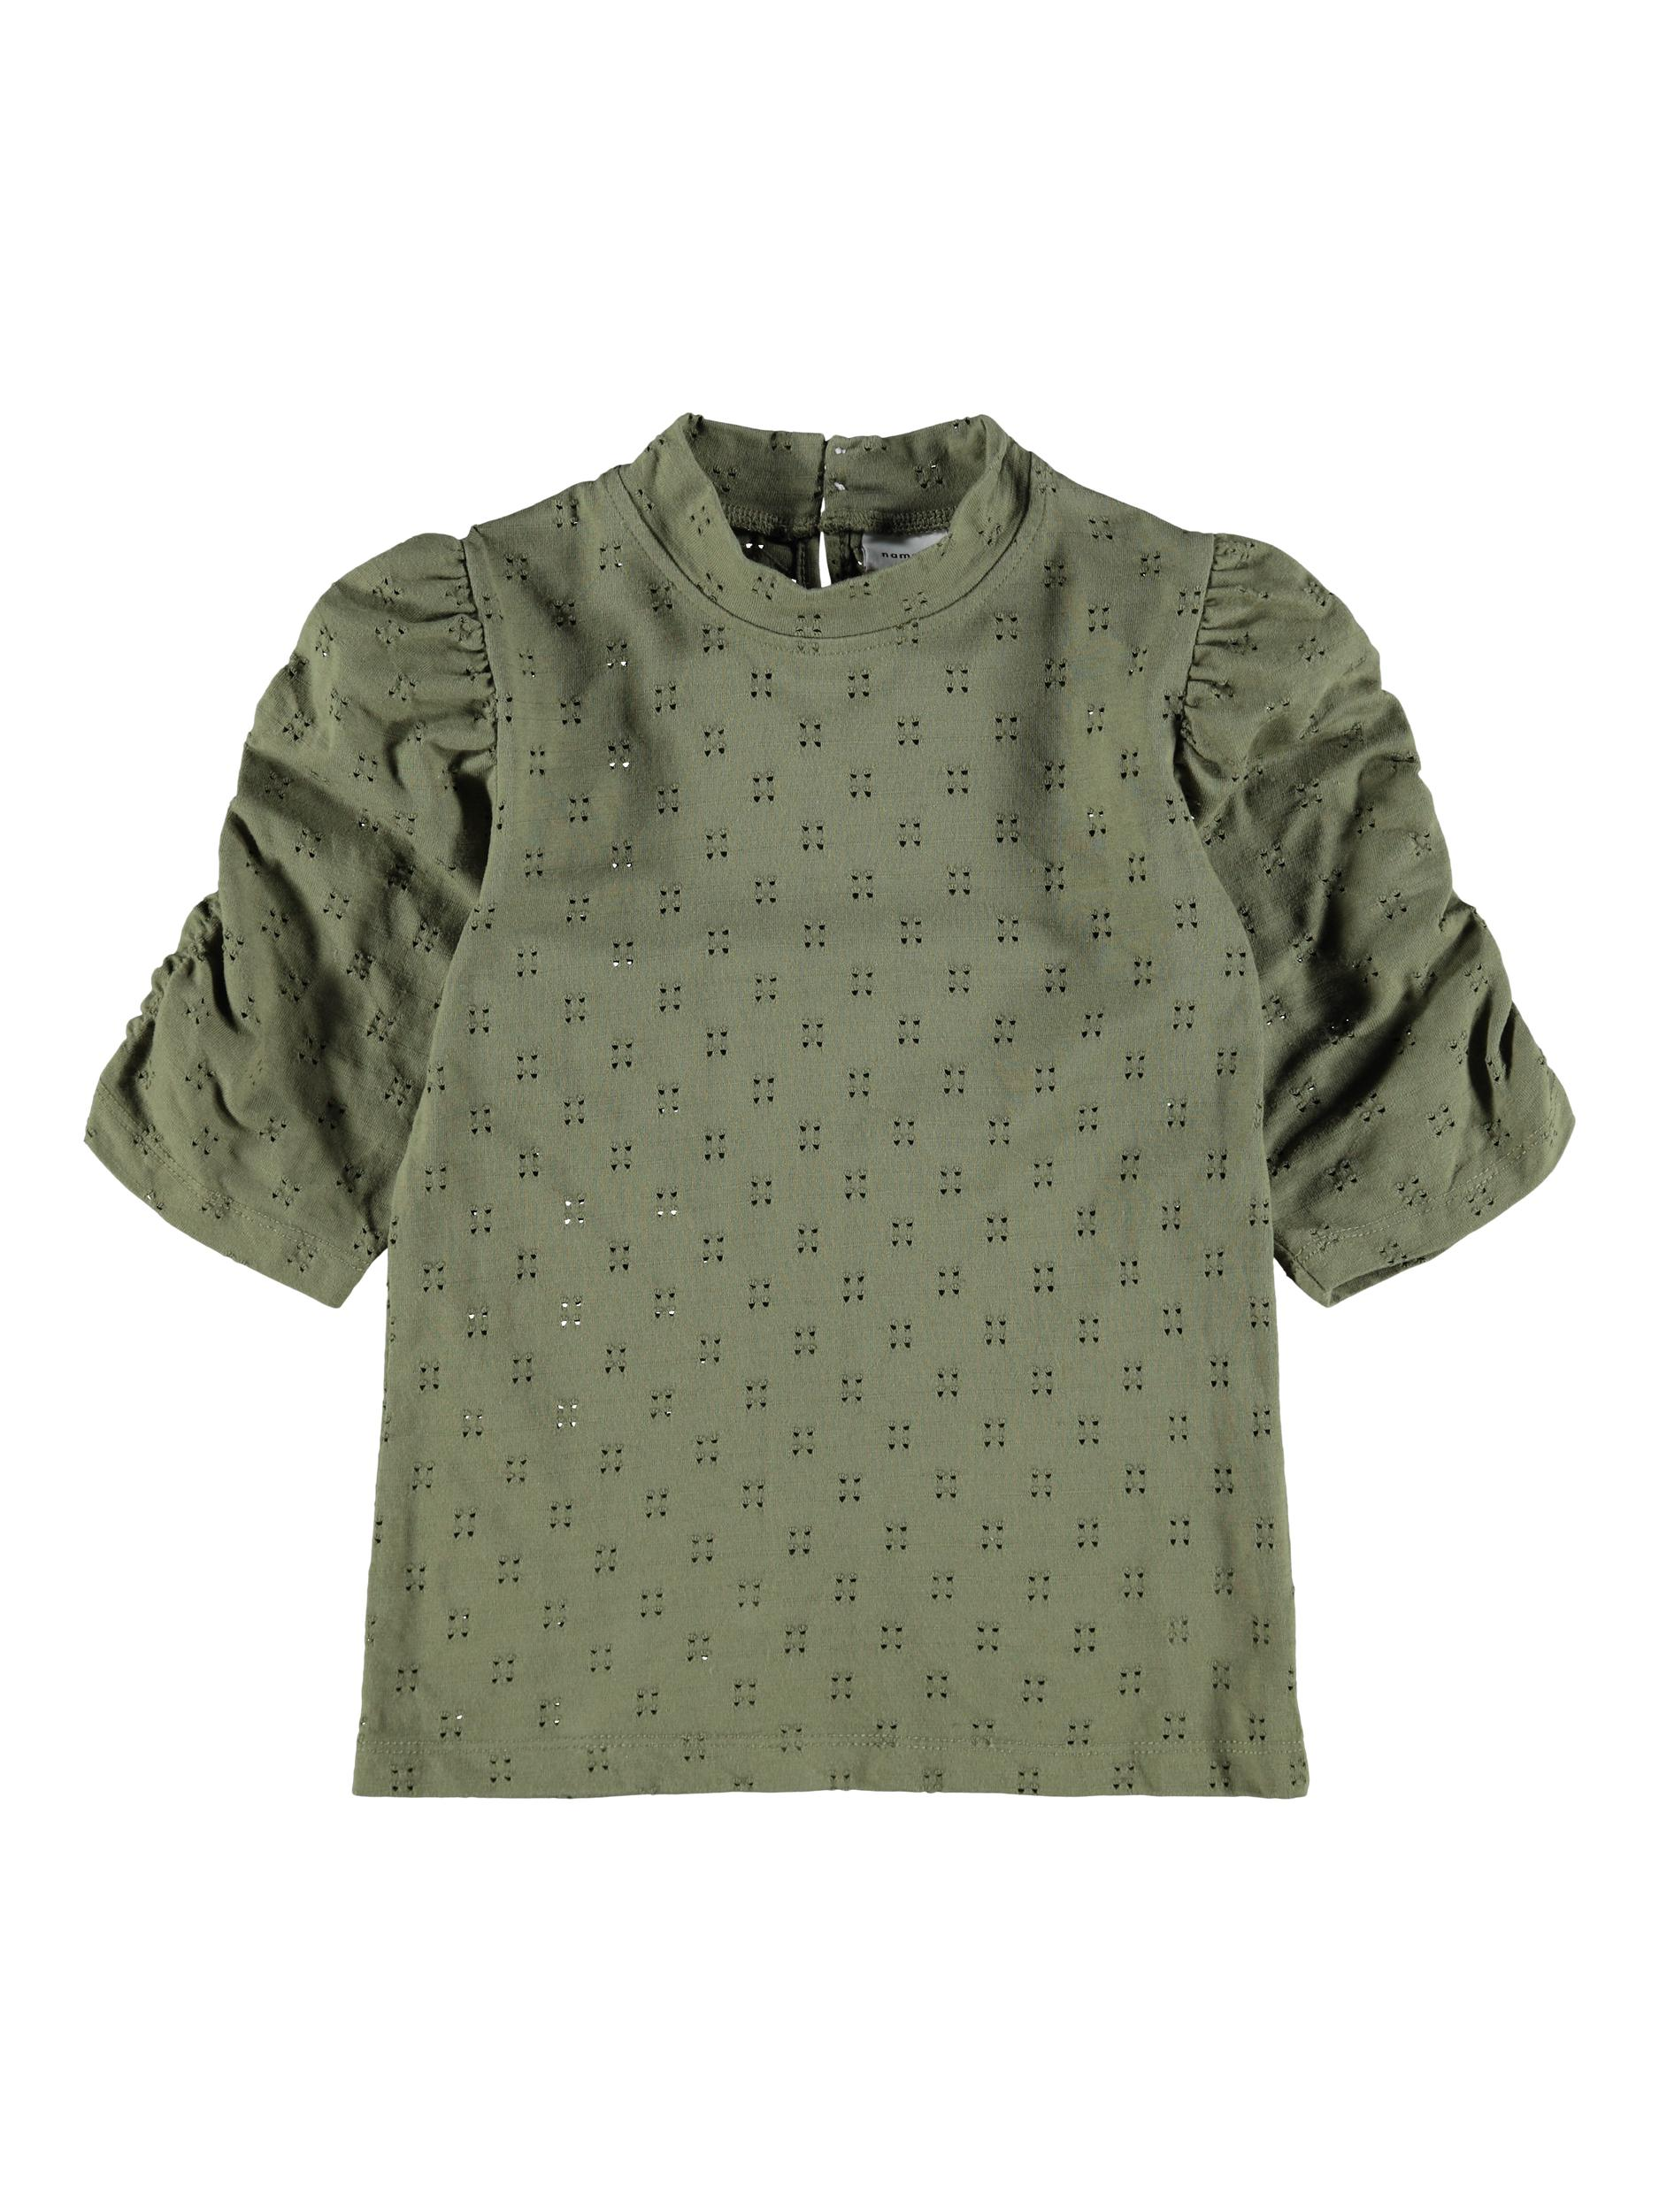 Name It Hafrun top, deep lichen green, 146-152